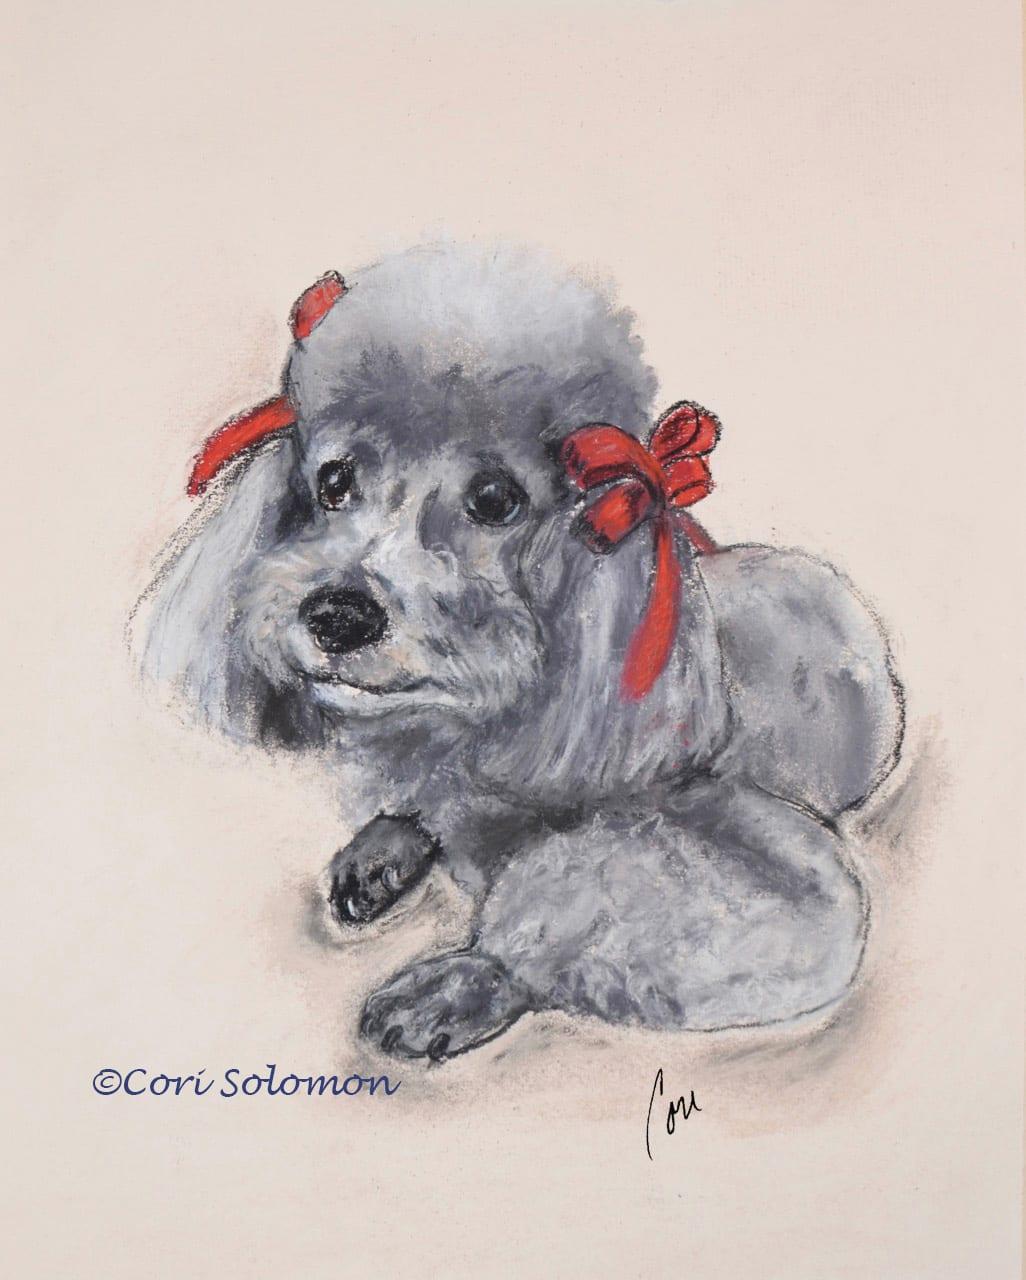 Gray Toy Poodle by Cori Solomon